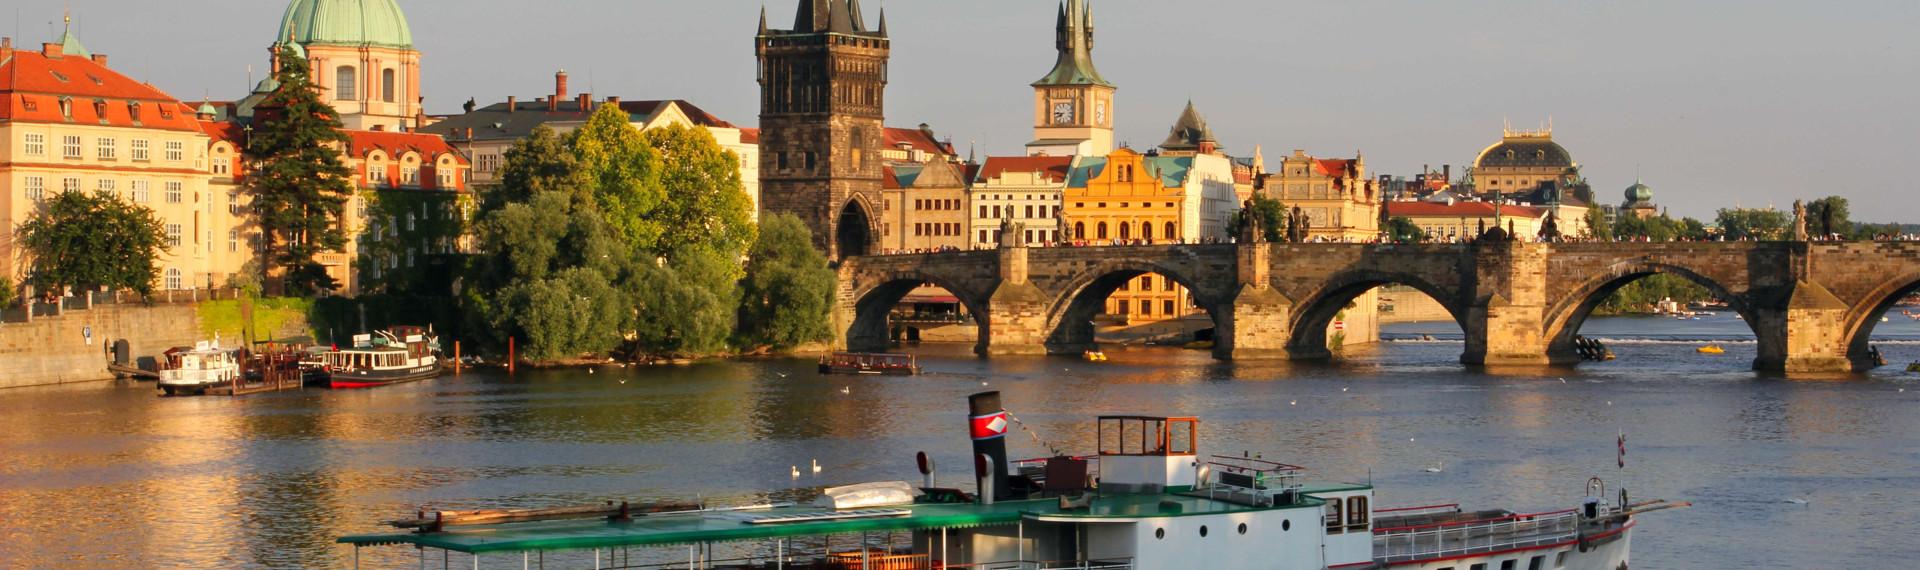 Prag Schifffahrt mit Essen